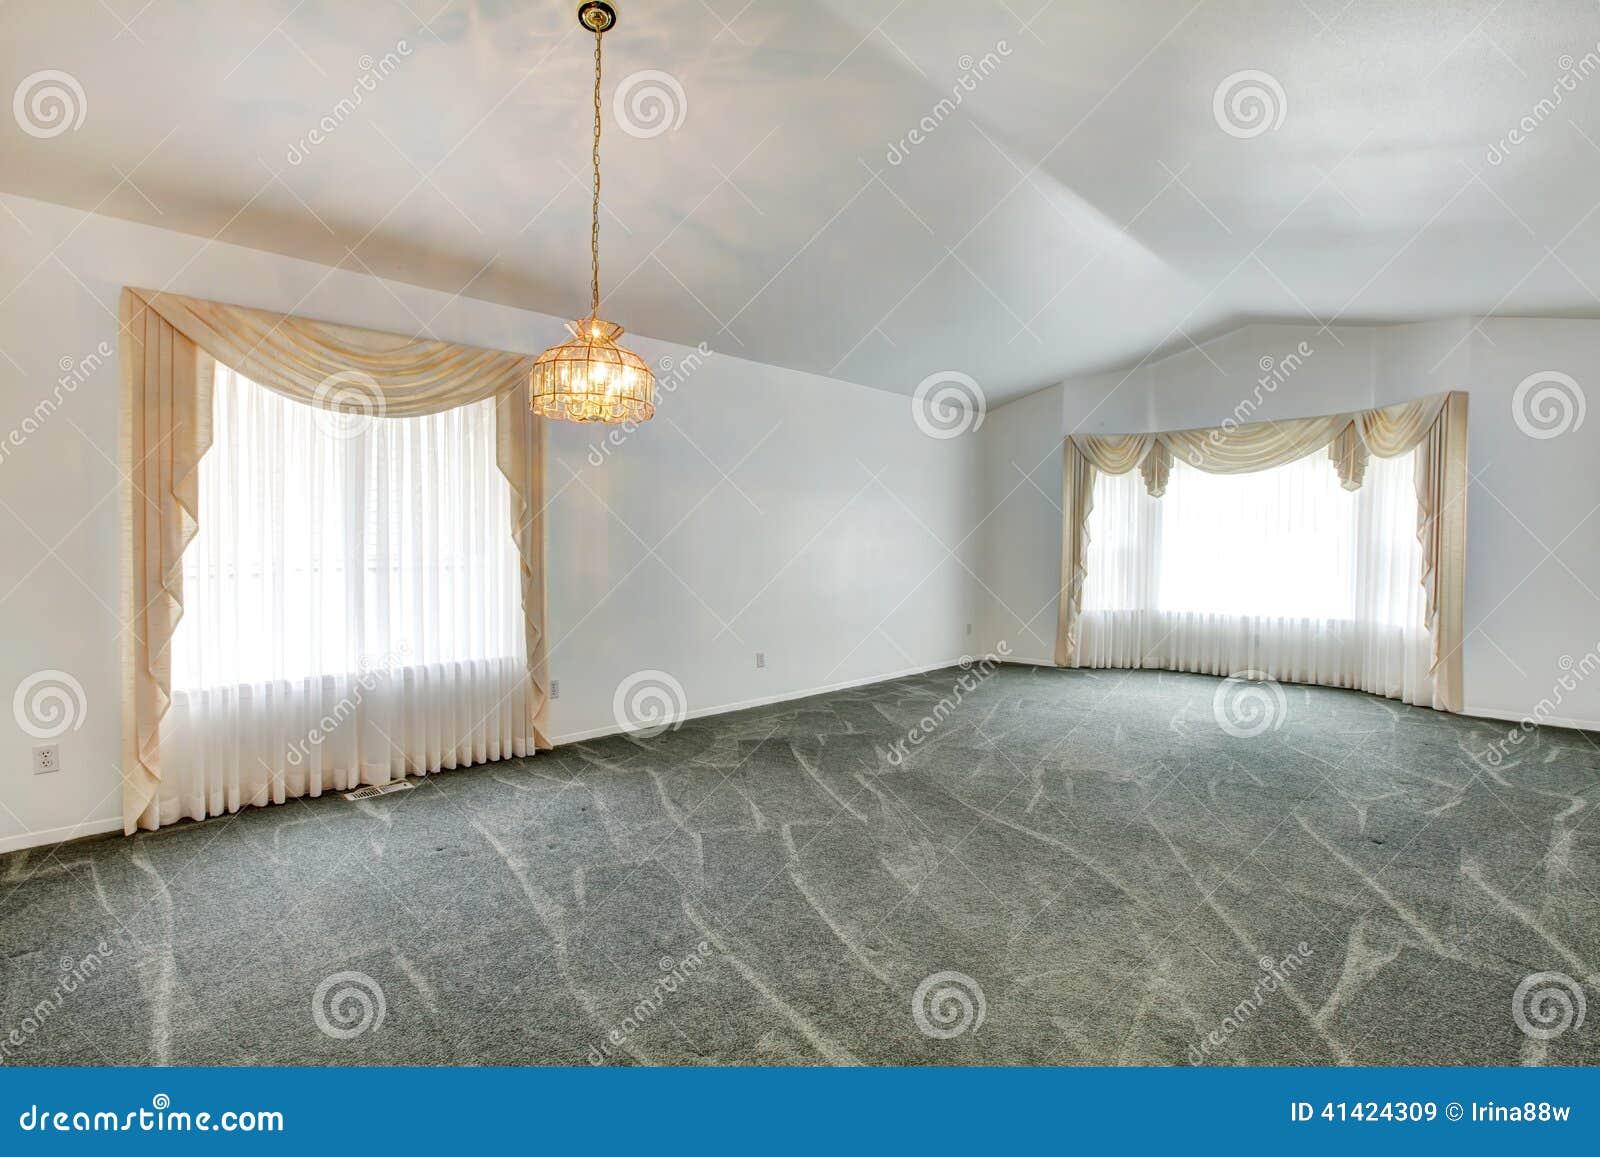 Leeres Wohnzimmer Mit Gewlbter Decke Und Grnem Teppichboden